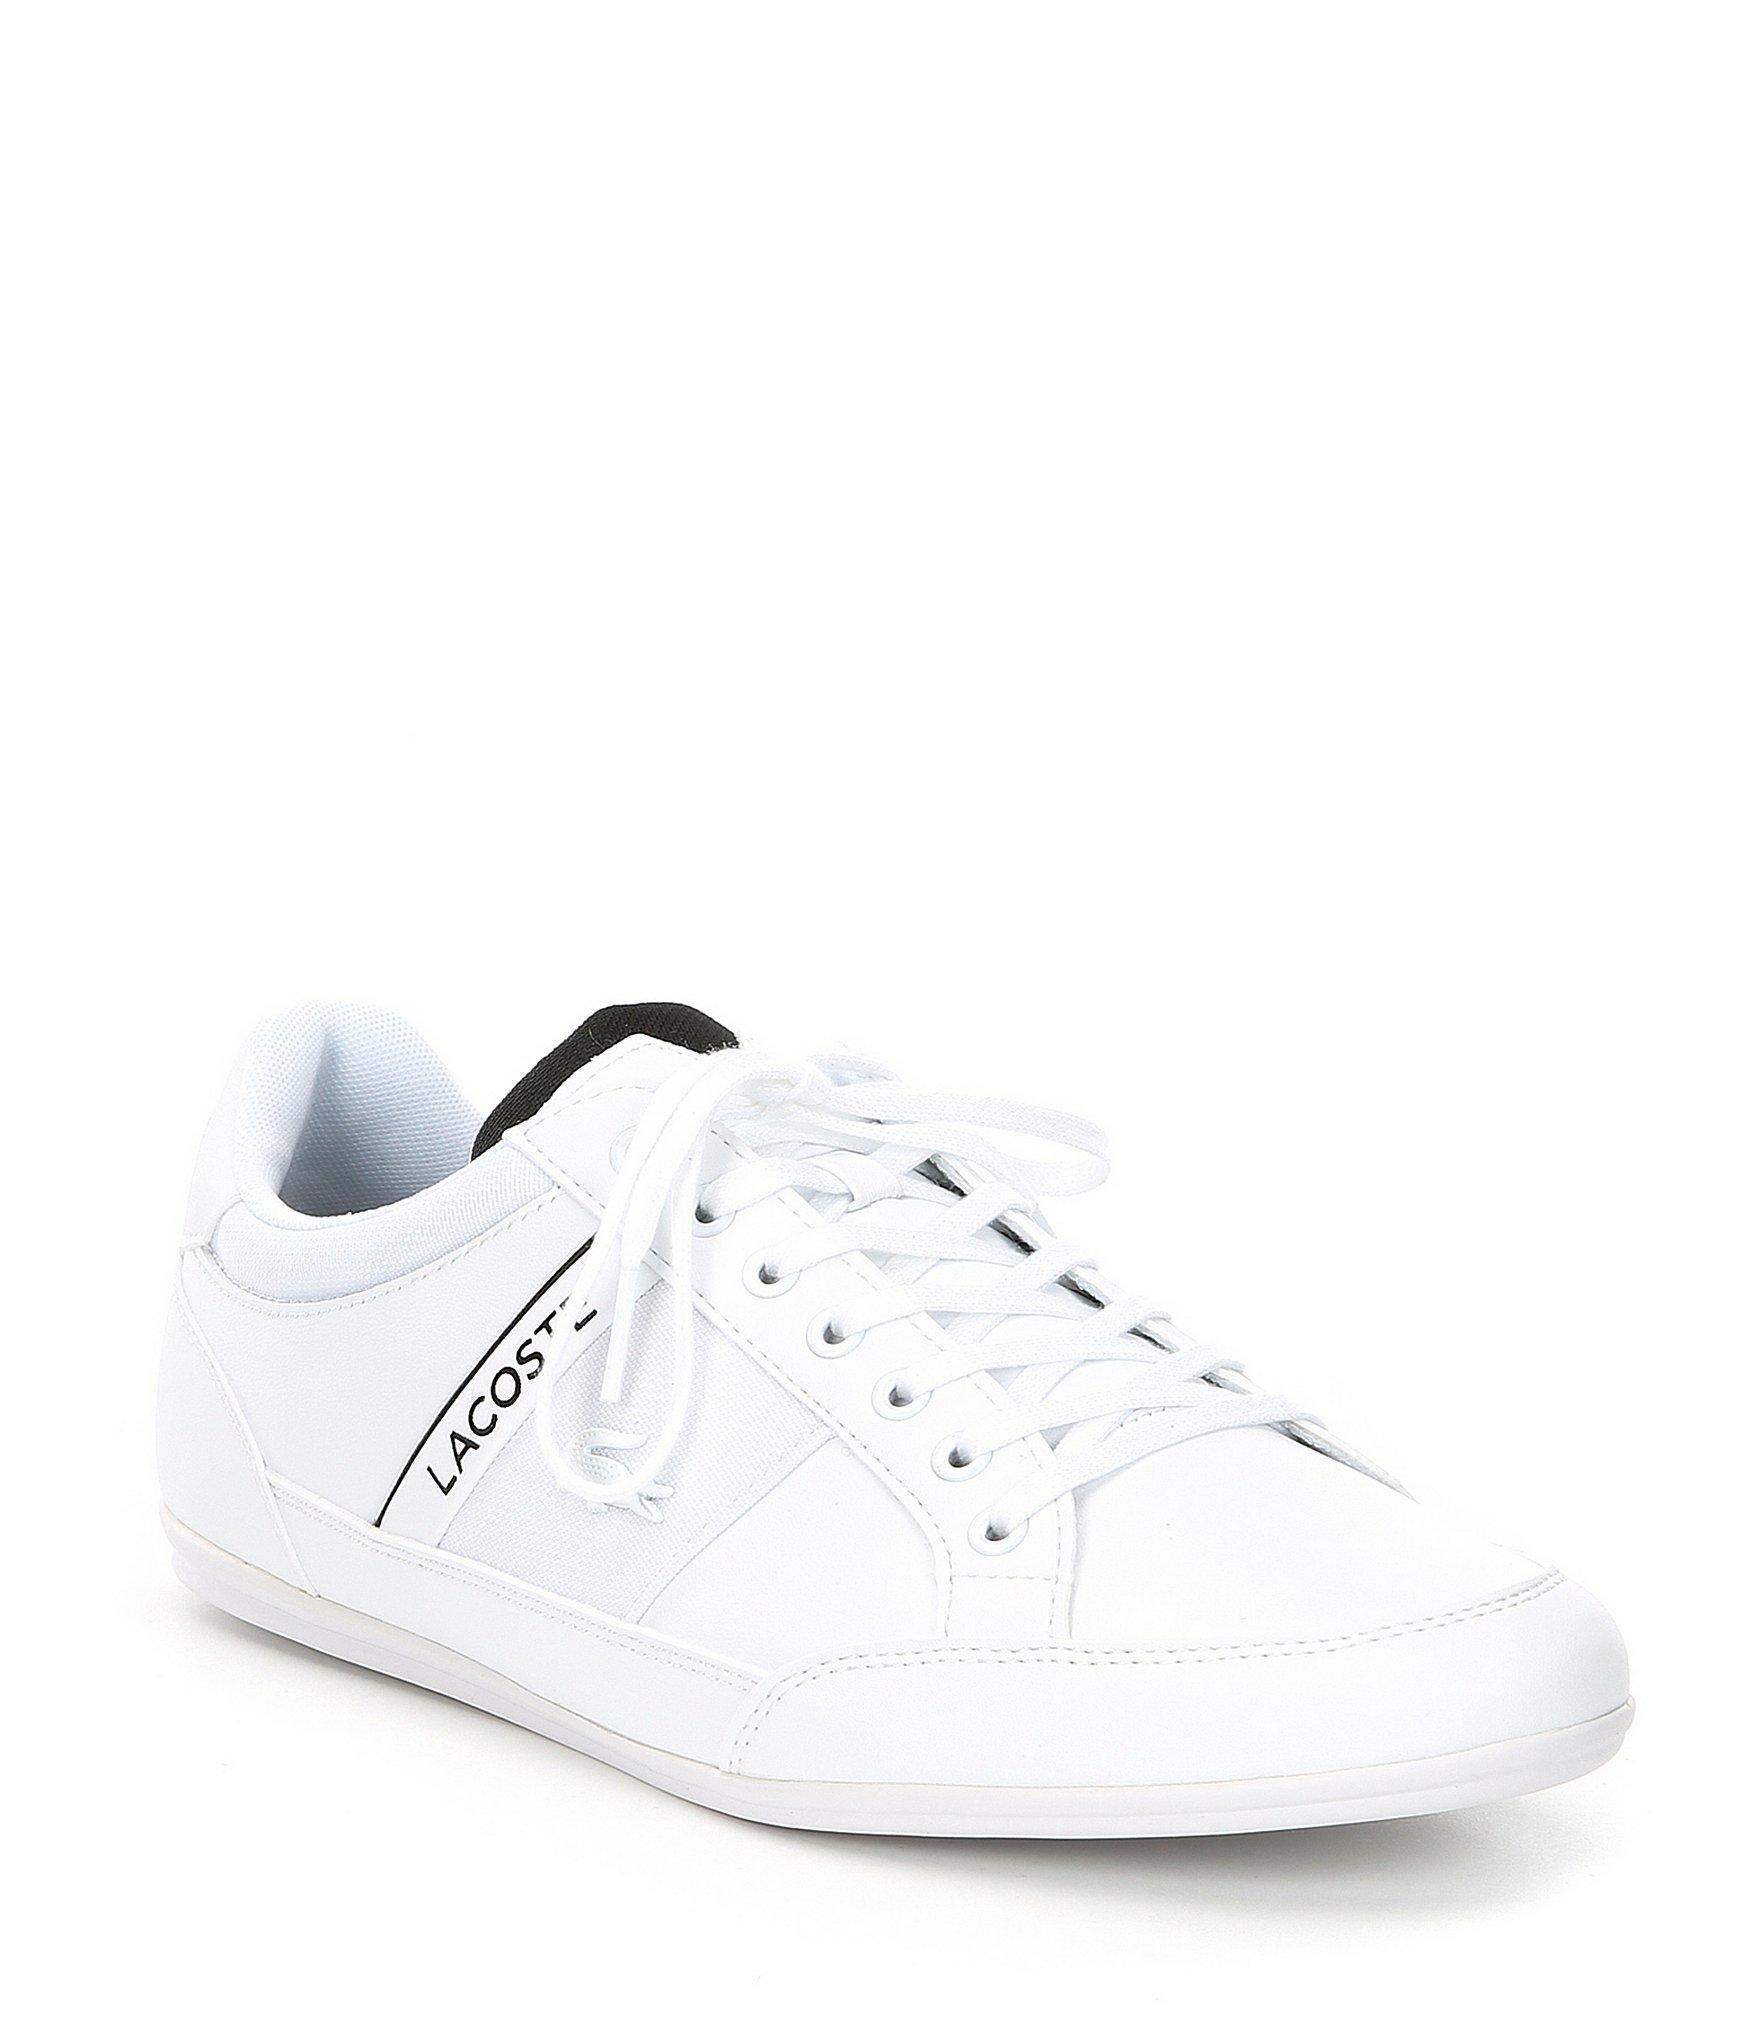 73ed22514f3a Lyst - Lacoste Men s Chaymon Leather Sneaker in White for Men